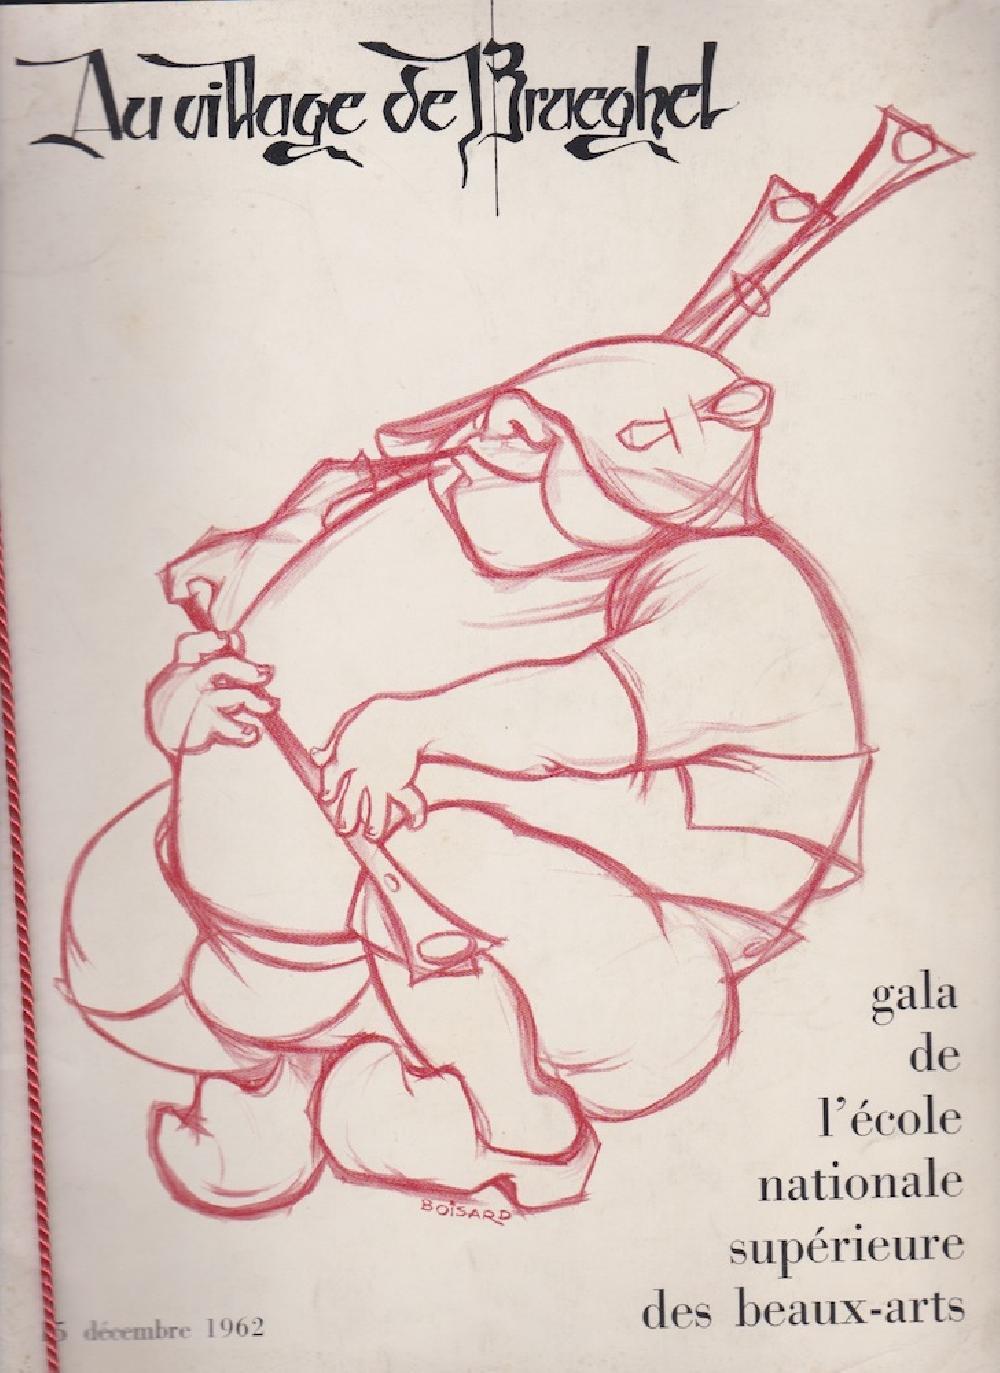 Au village de Brueghel - Gala de l'école nationale supérieure des beaux-arts, 15 décembre 1962